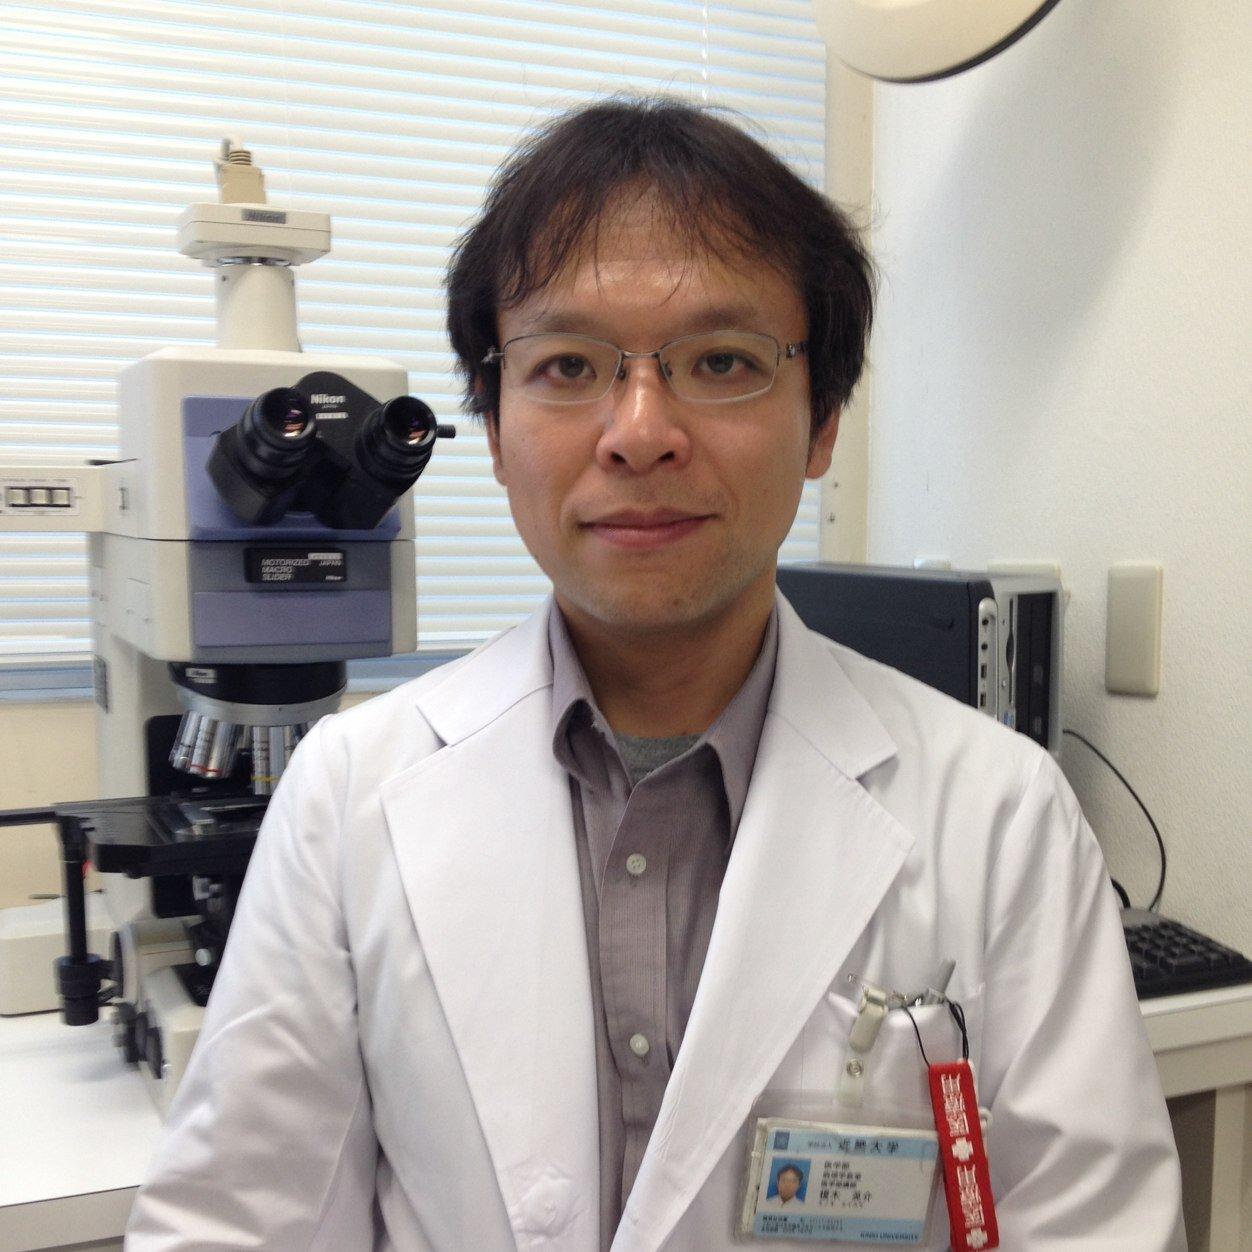 榎木英介 病理医(無所属現)、科学・医療ウォッチャー